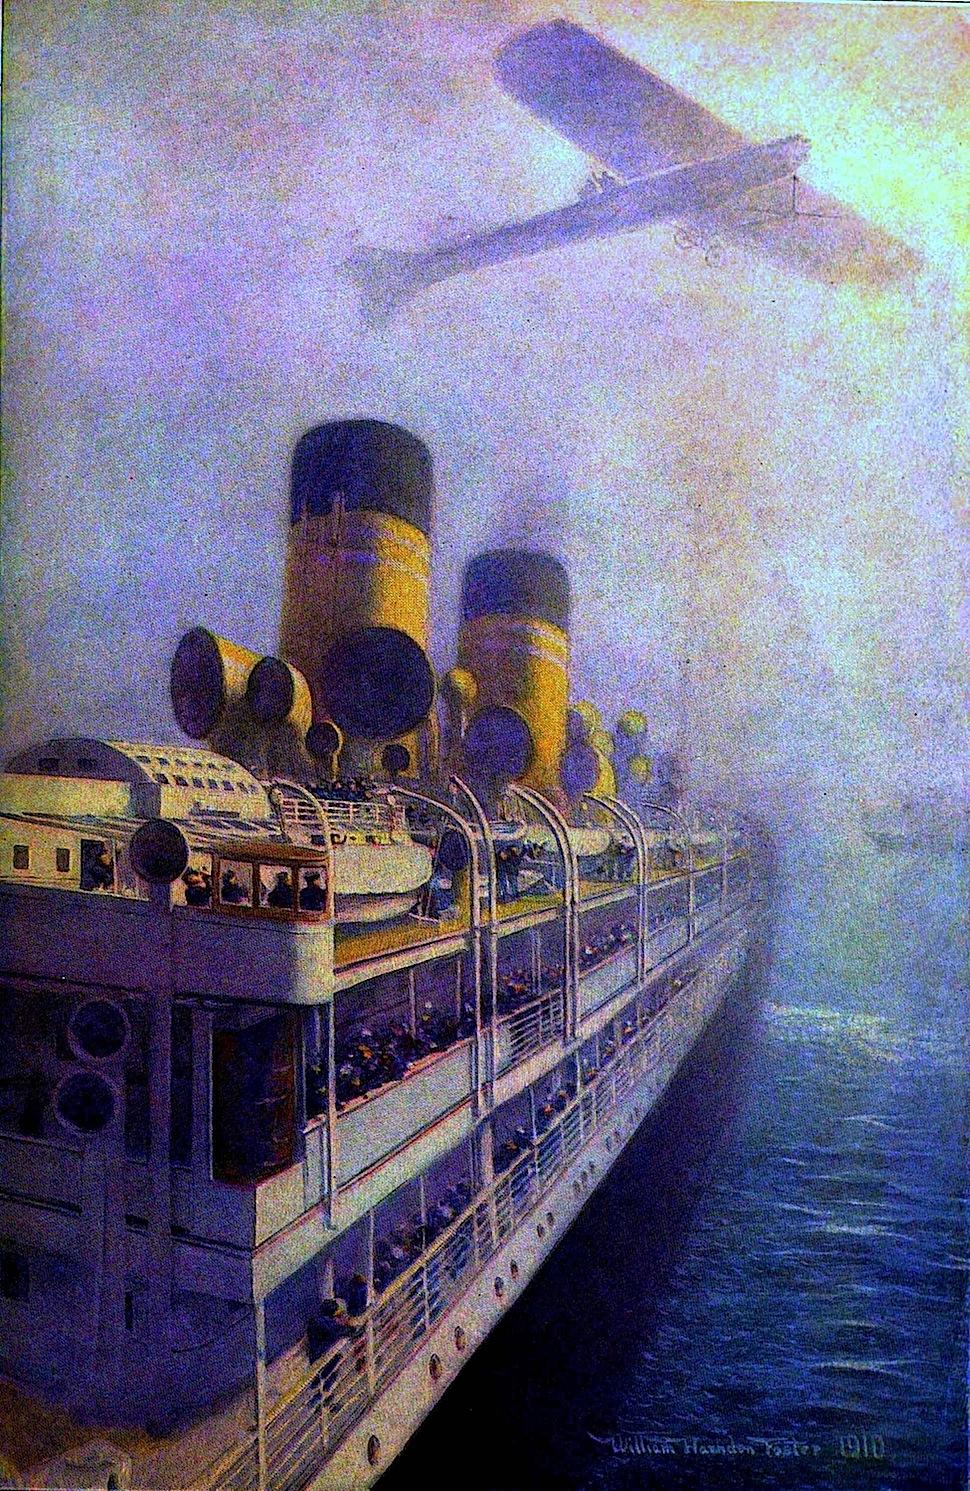 William Harnden Foster 1910 fog